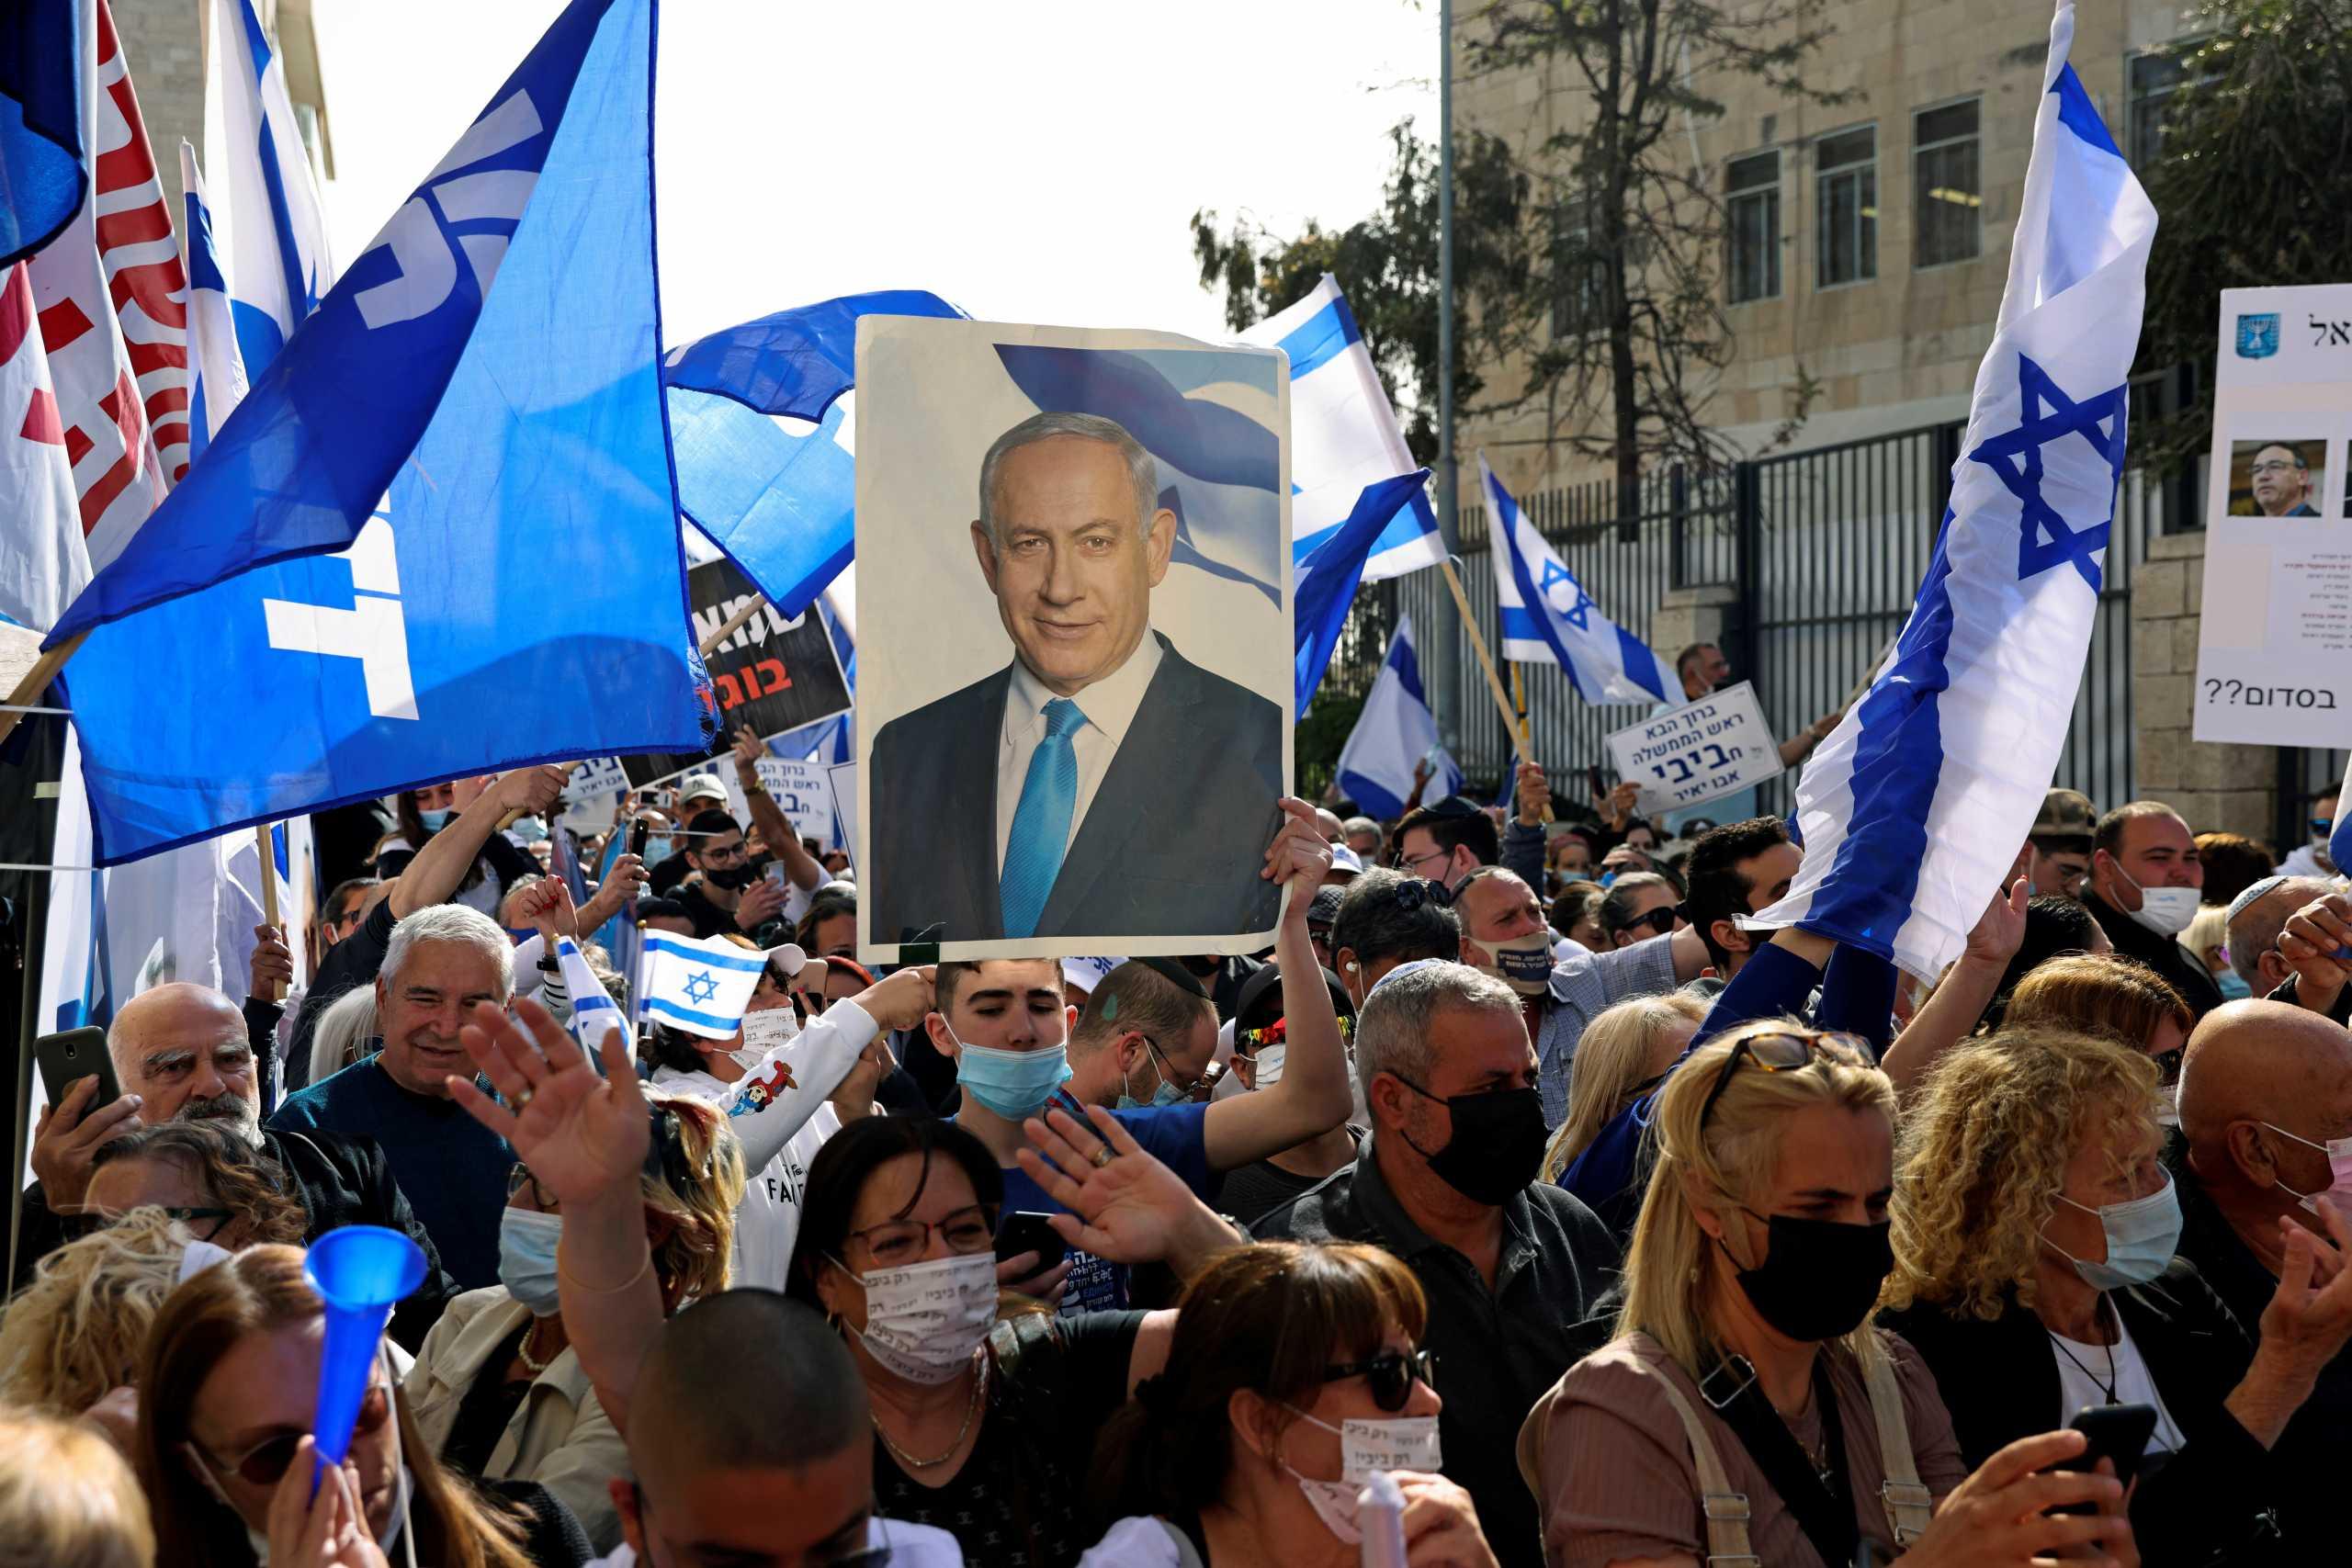 Ισραήλ: Σήμερα οι ανακοινώσεις για τον σχηματισμό κυβέρνησης – Φαβορί ο Νετανιάχου